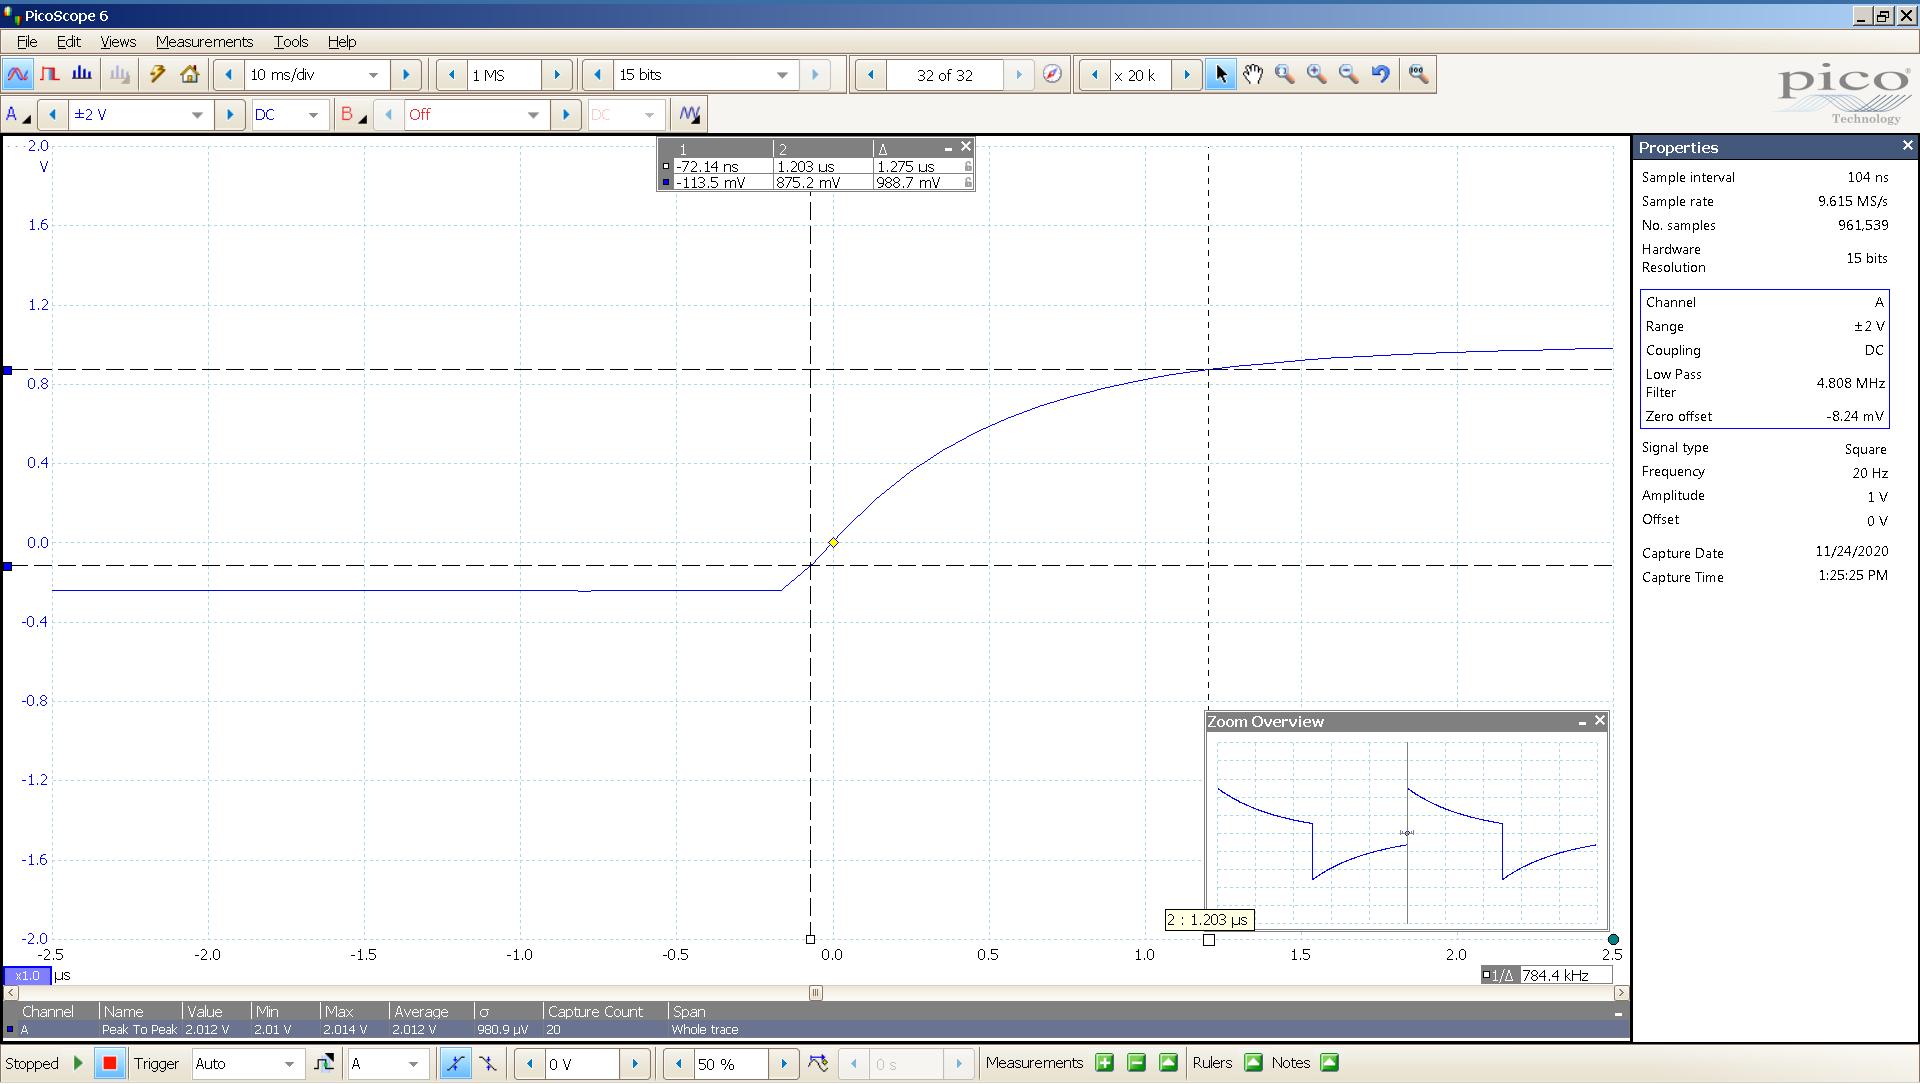 20201124 SigGen Vali2 6bz7 20 Hz square 2000mVpp 0_5uS div 5MHz filter 32R - BW calc.png